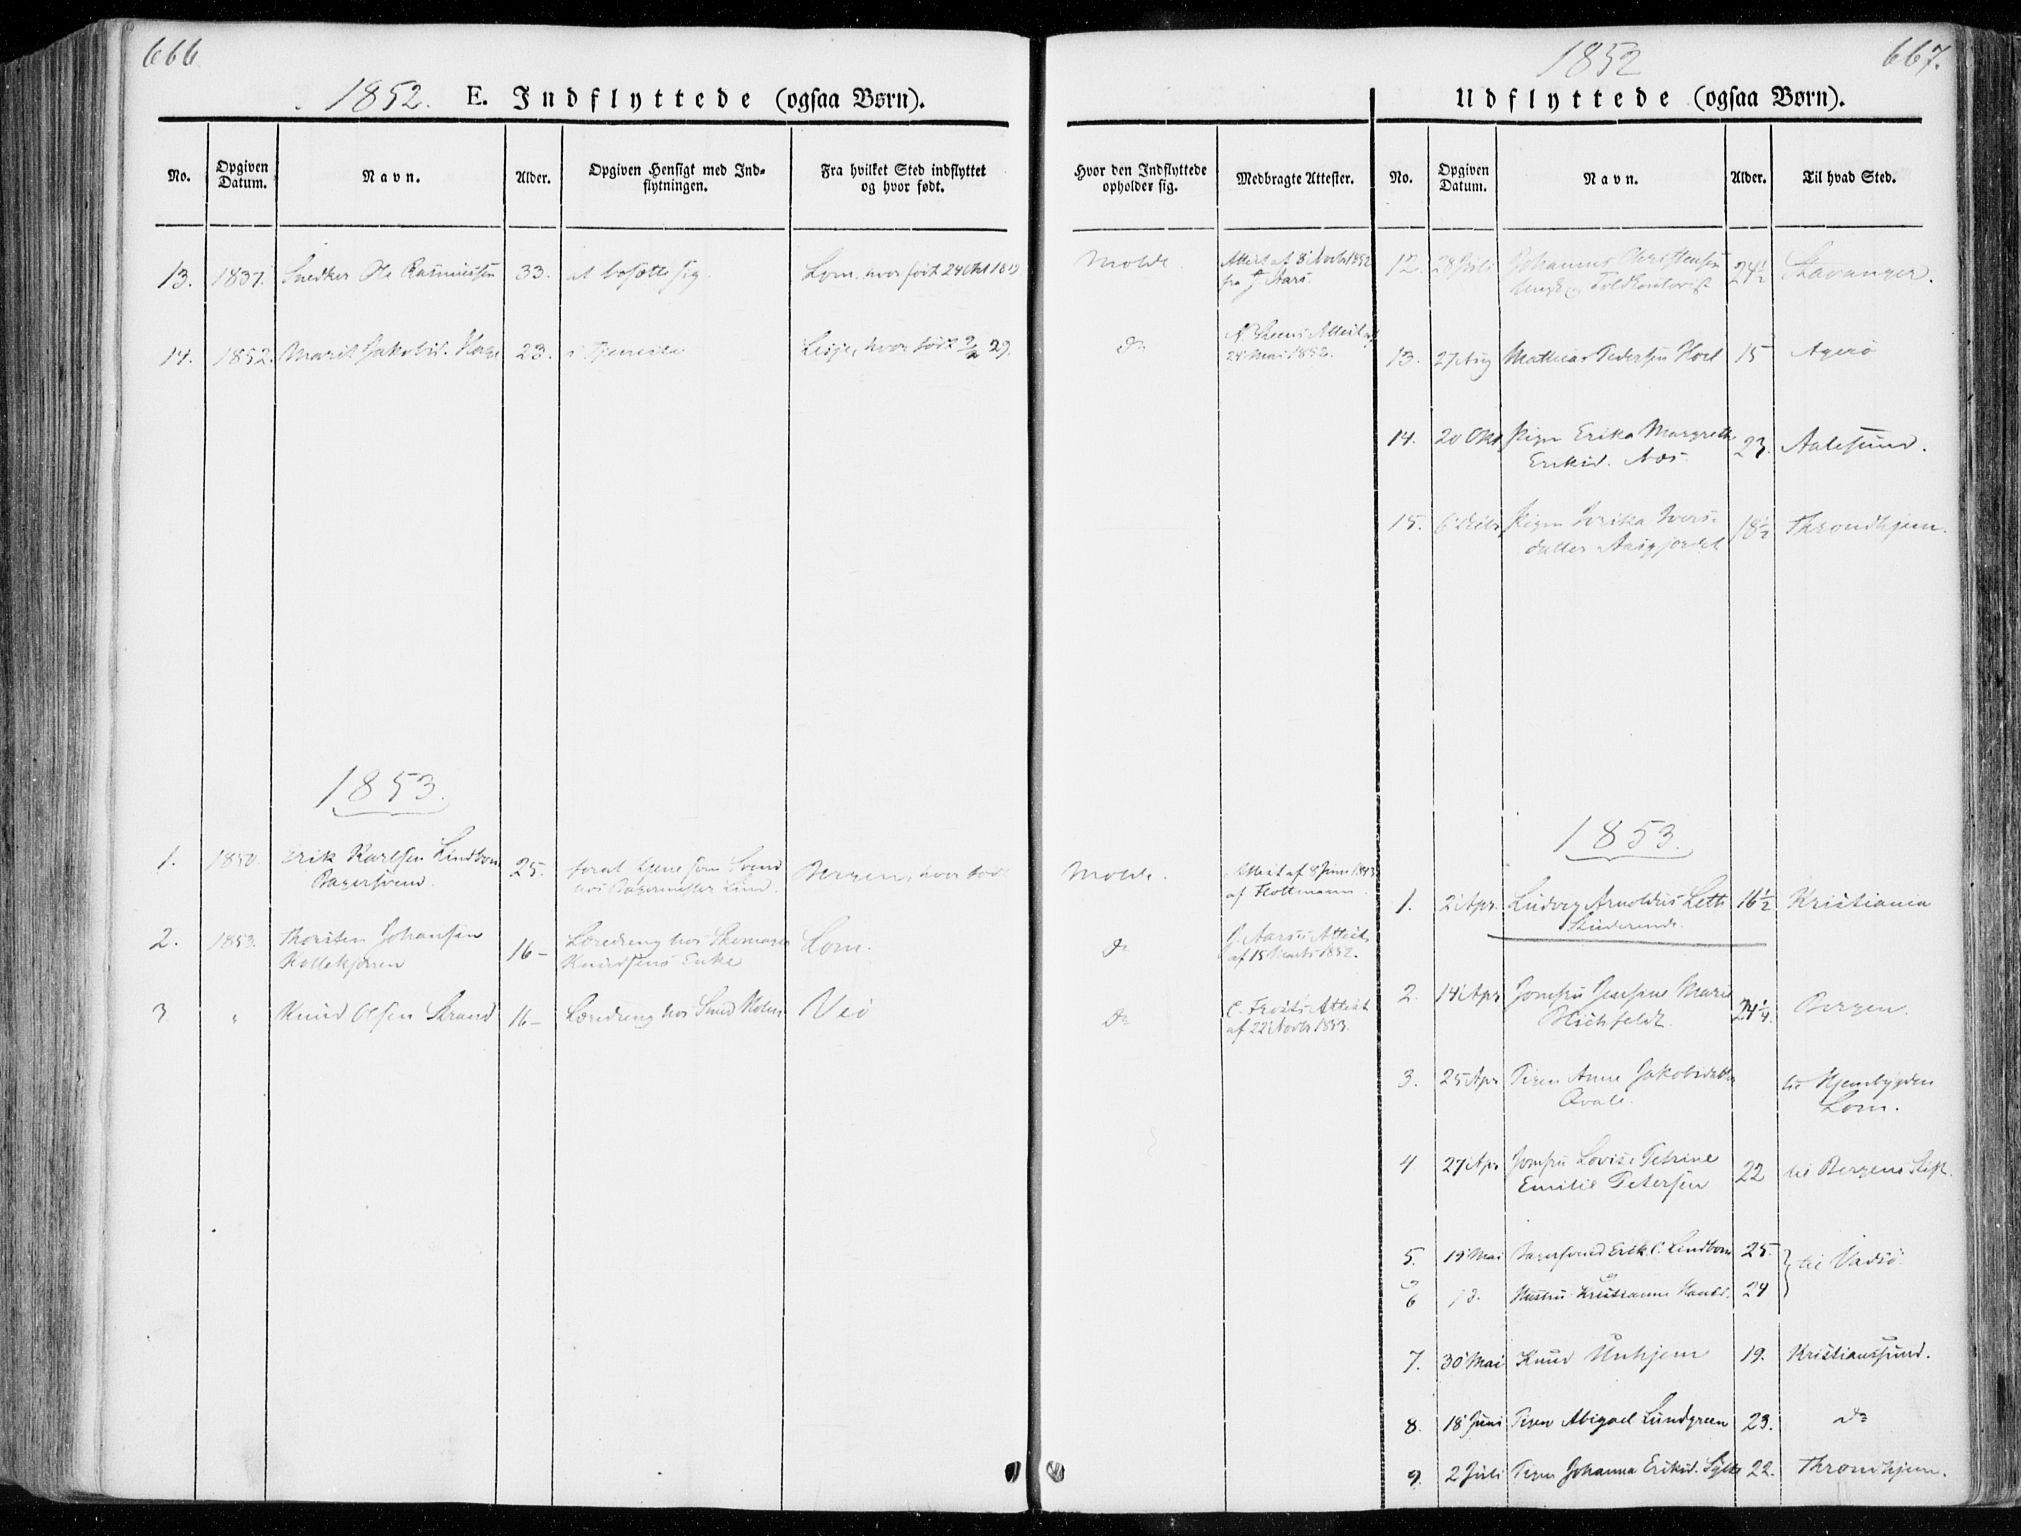 SAT, Ministerialprotokoller, klokkerbøker og fødselsregistre - Møre og Romsdal, 558/L0689: Ministerialbok nr. 558A03, 1843-1872, s. 666-667